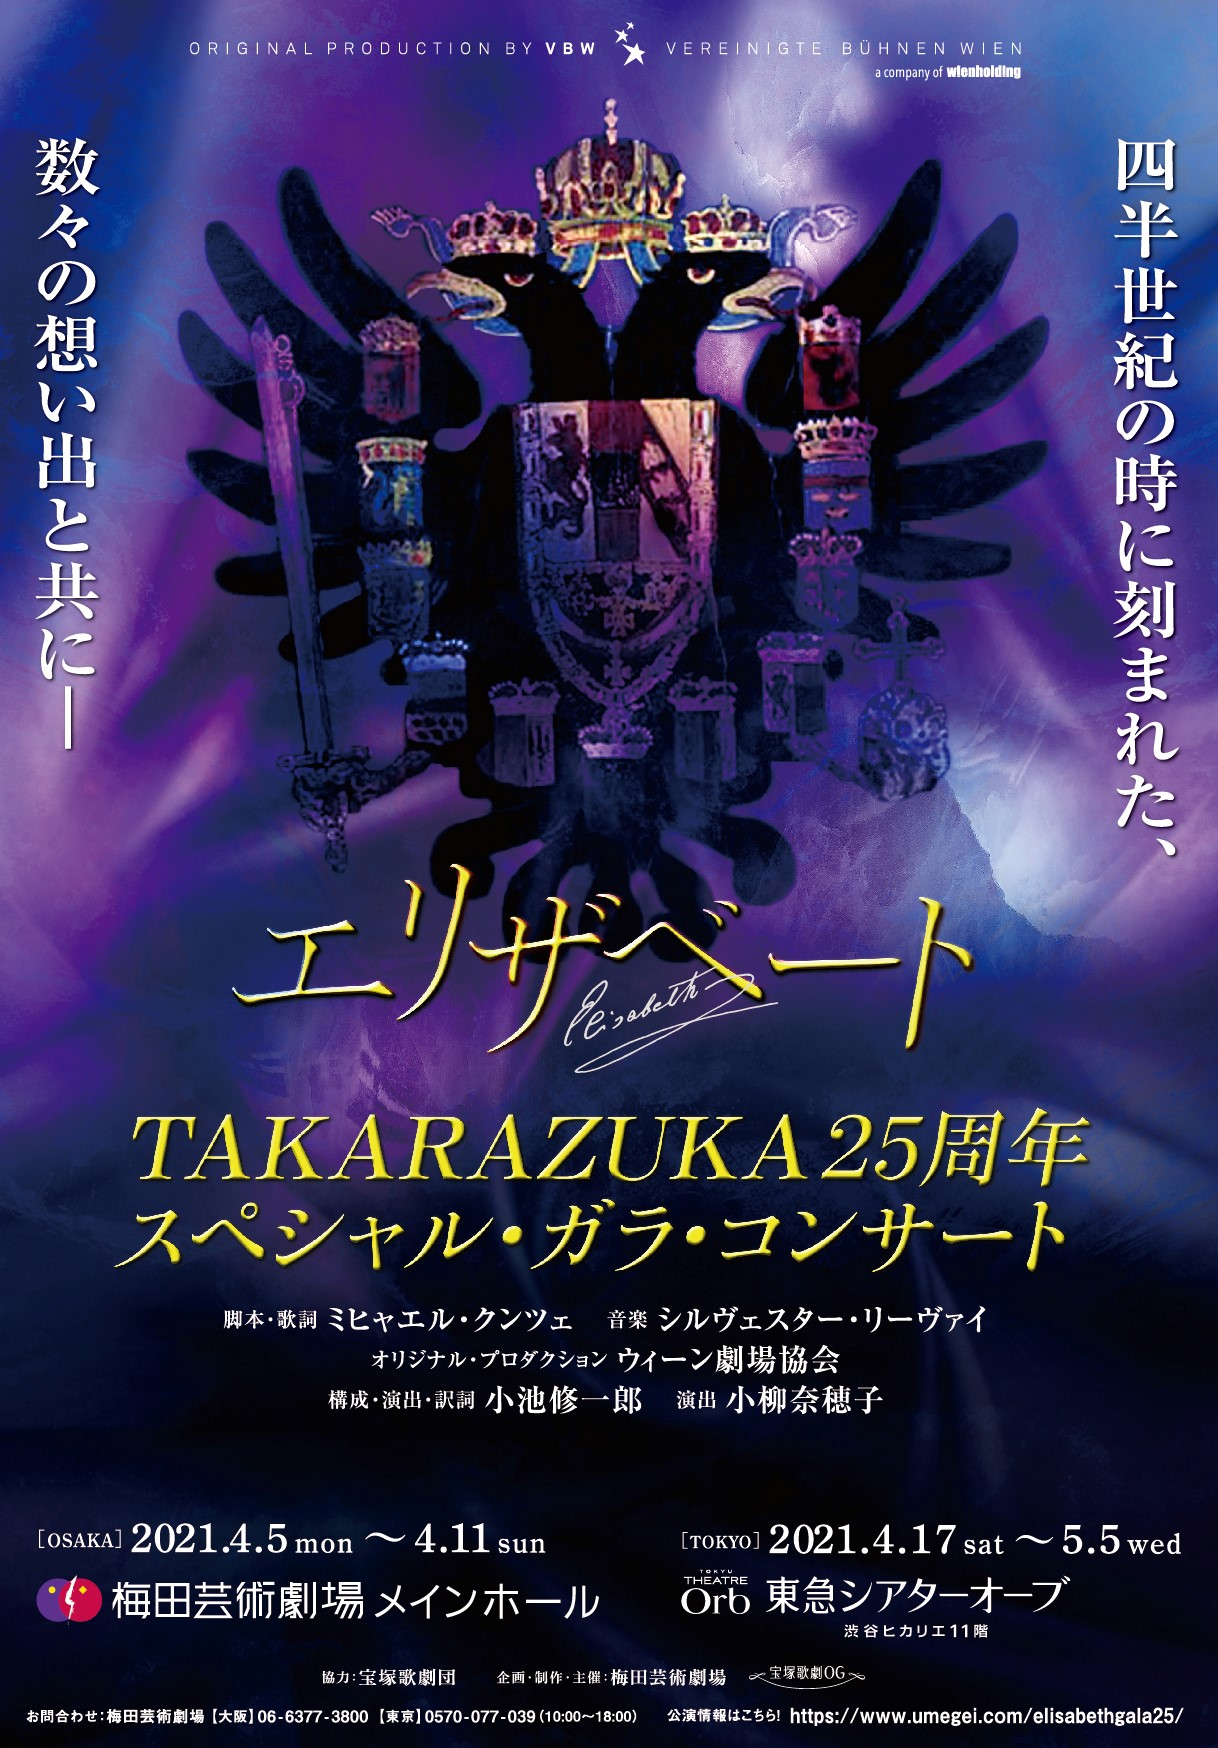 エリザベートTAKARAZUKA25周年スペシャル・ガラ・コンサート